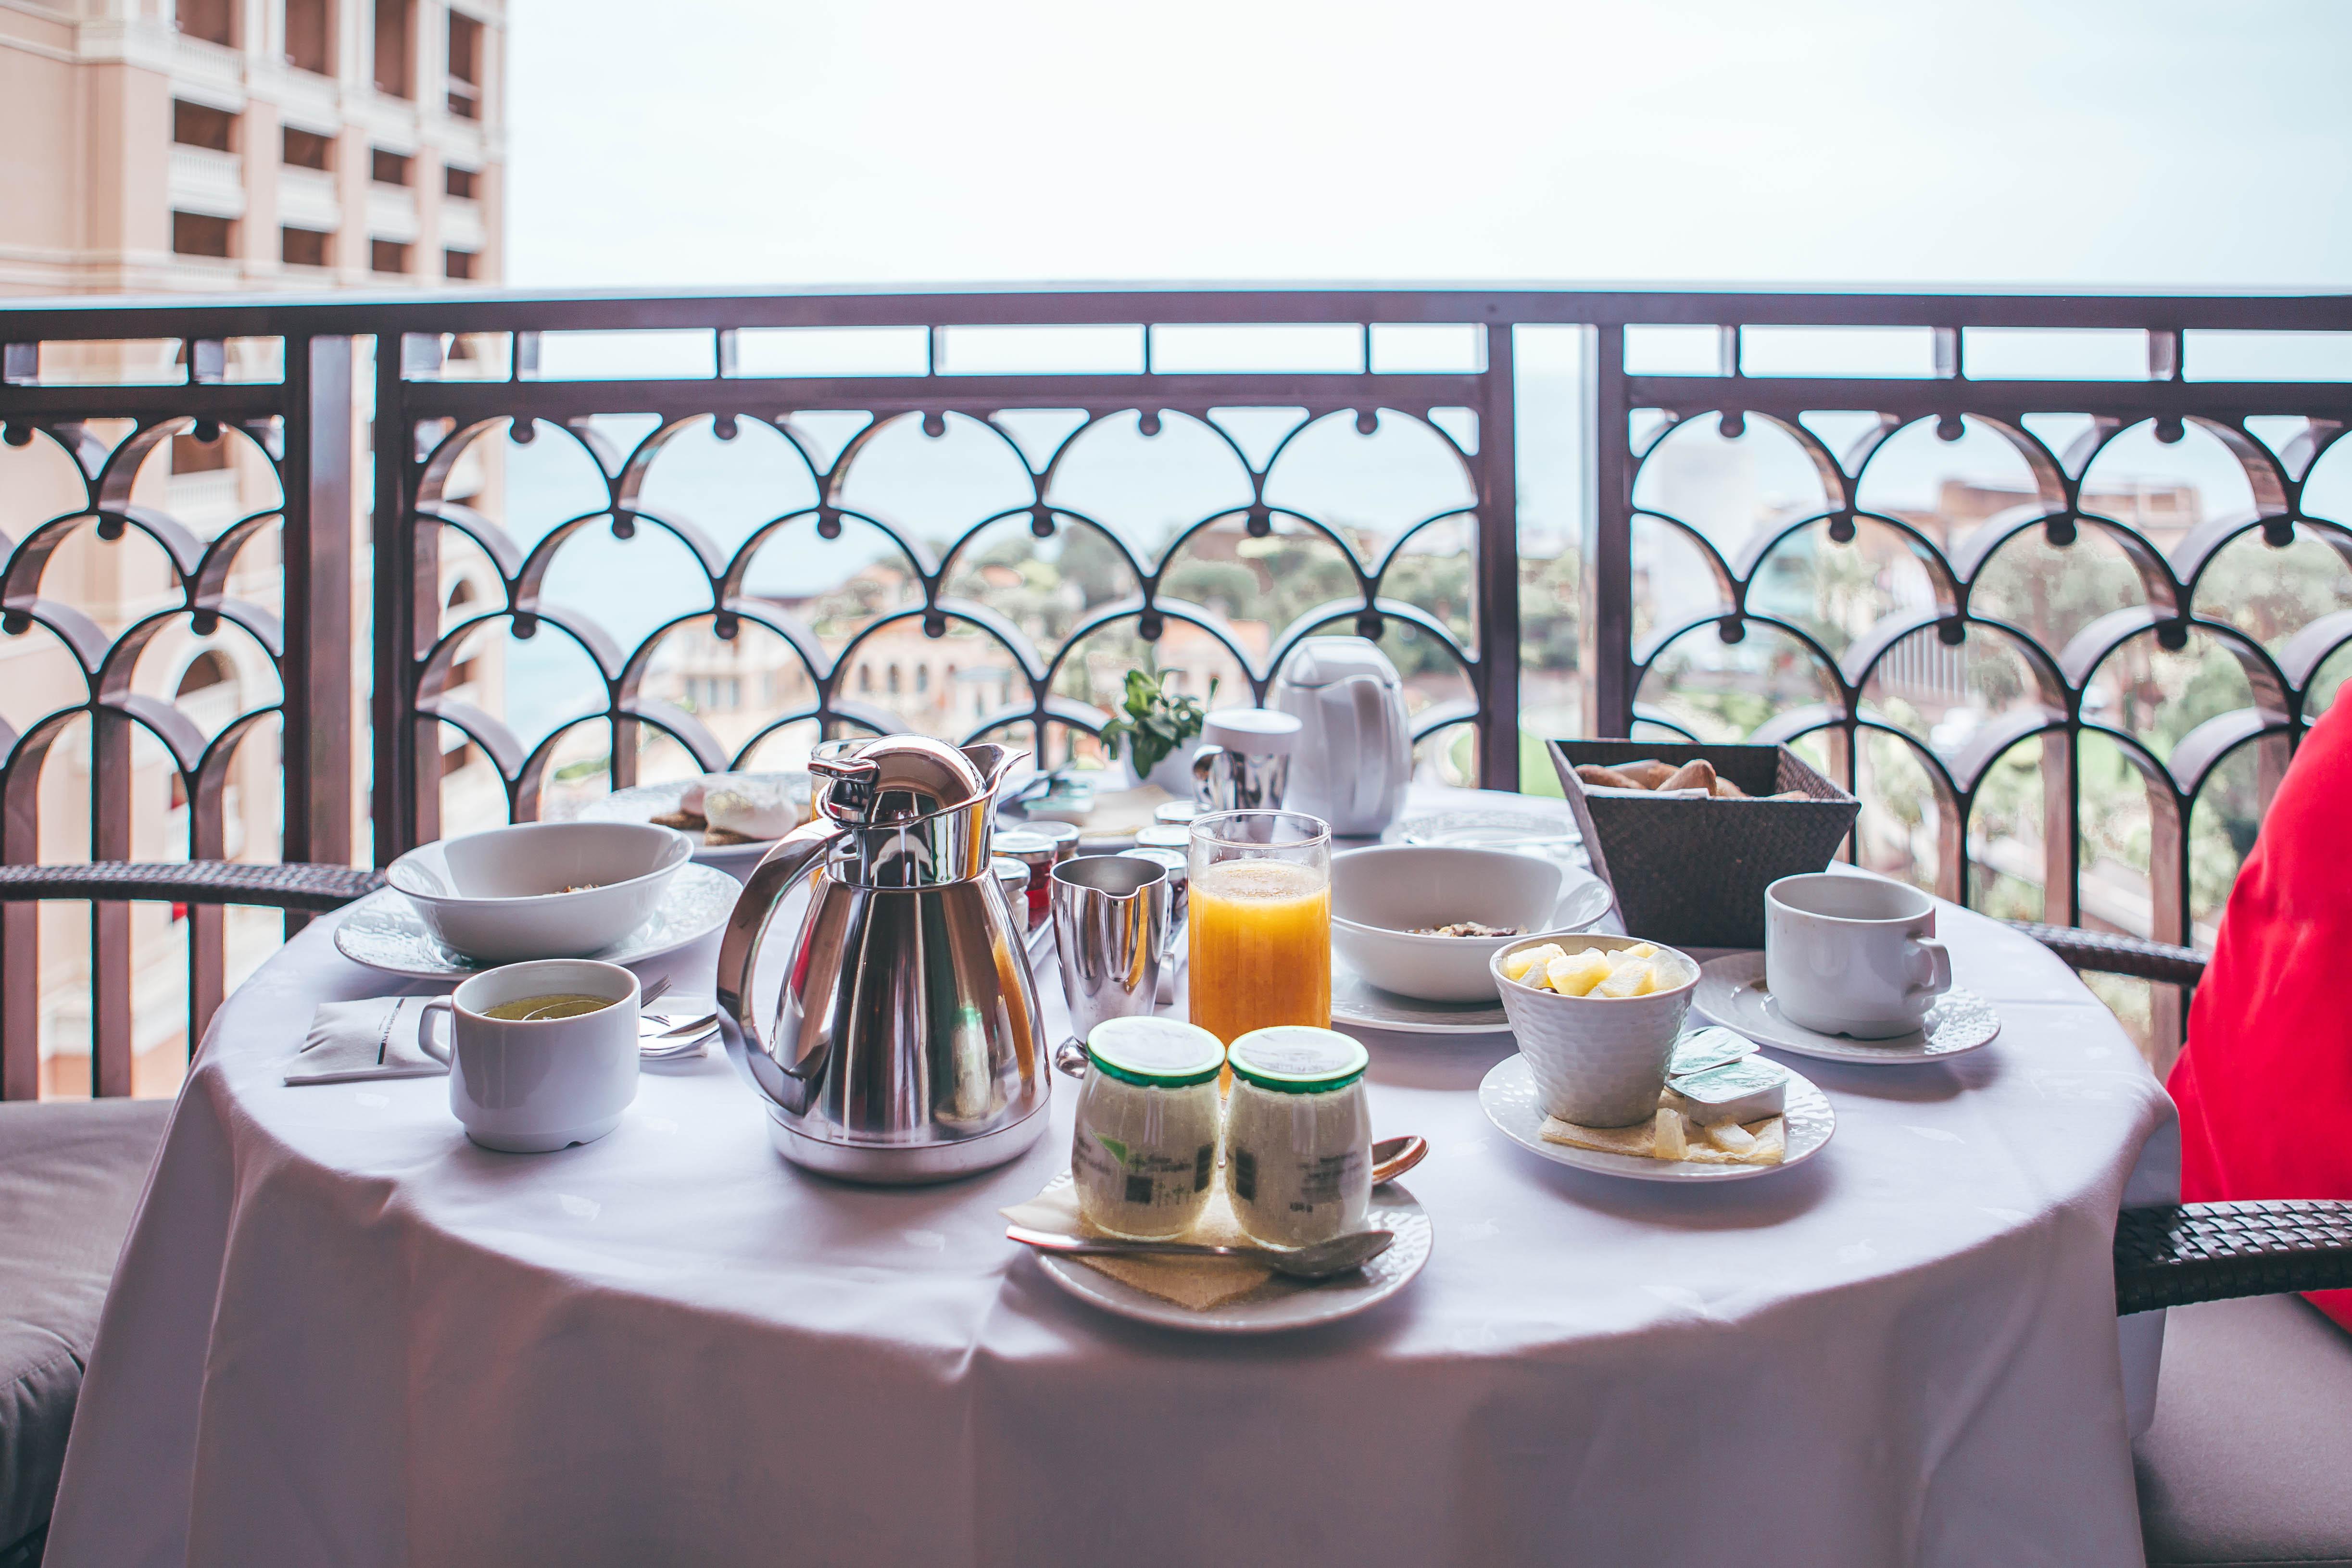 Monte Carlo Bay Deluxe room service